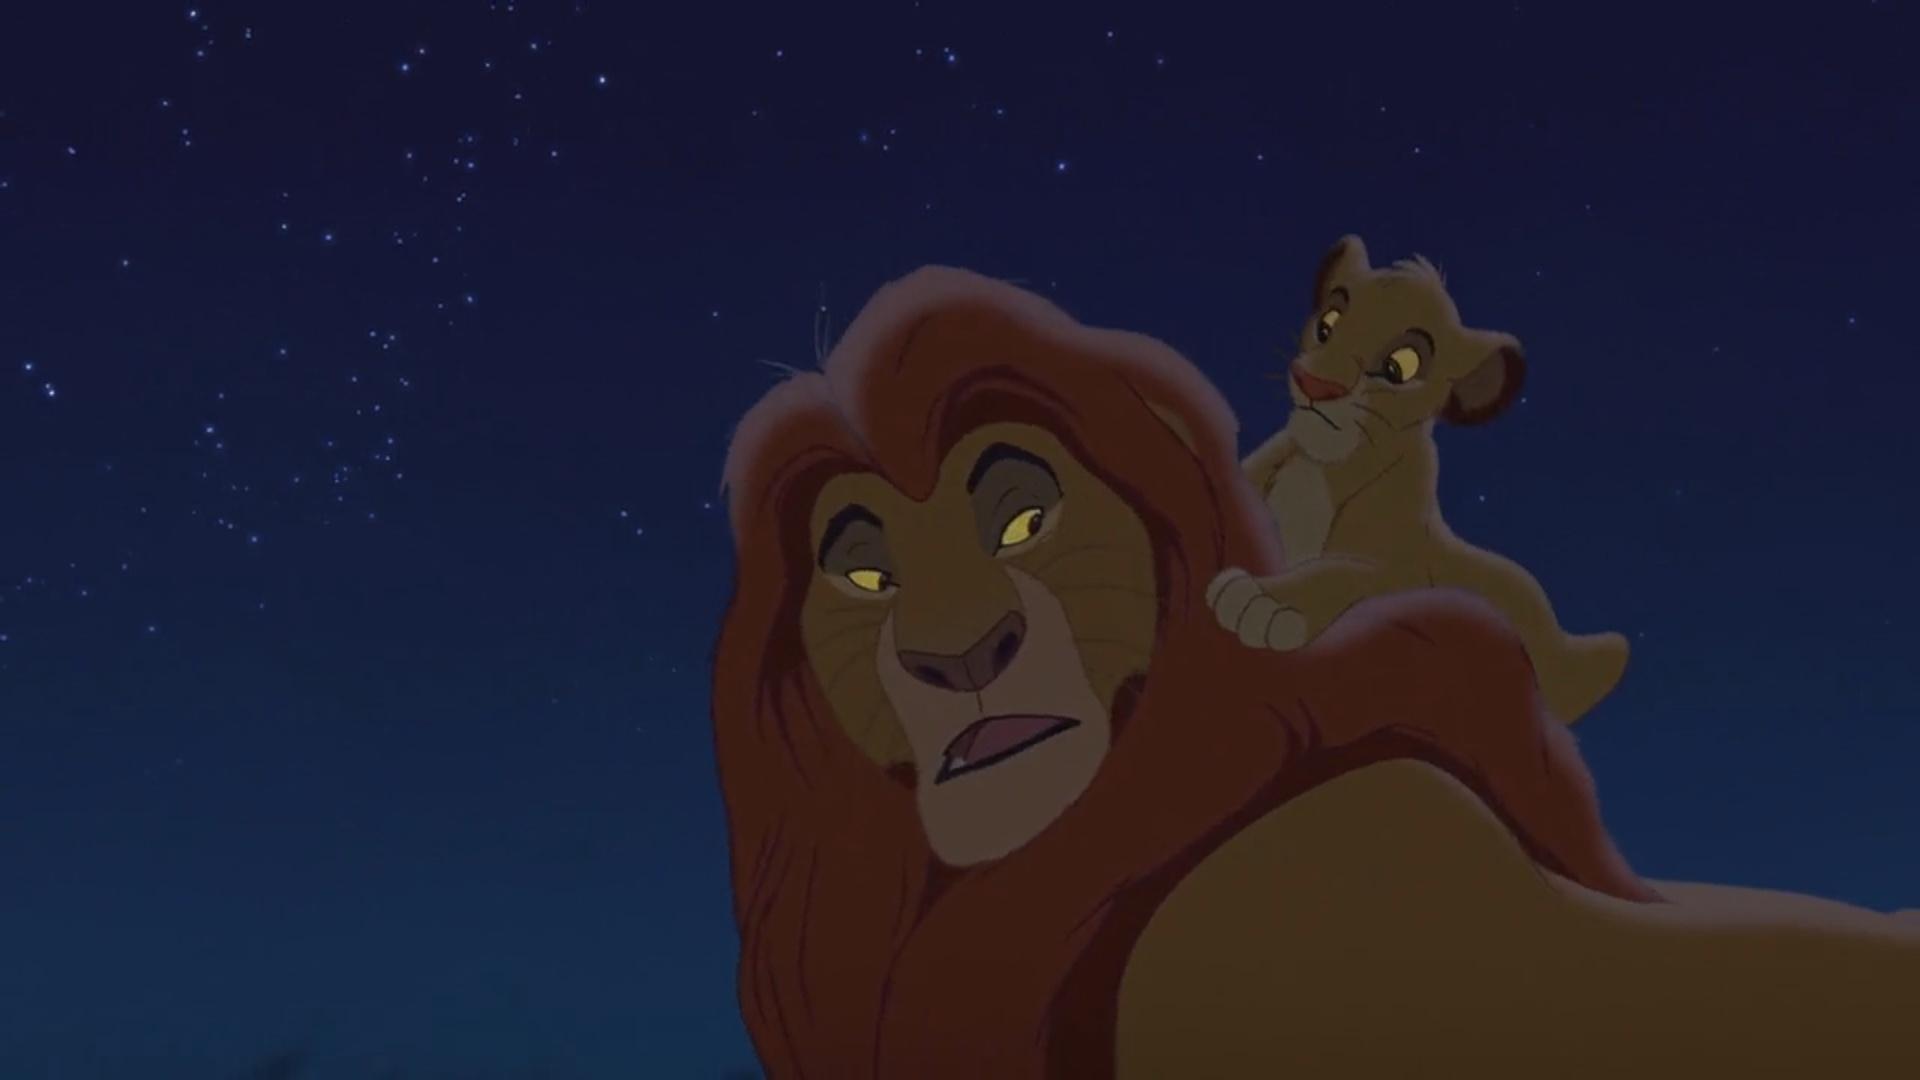 Lion King Mufasa And Simba